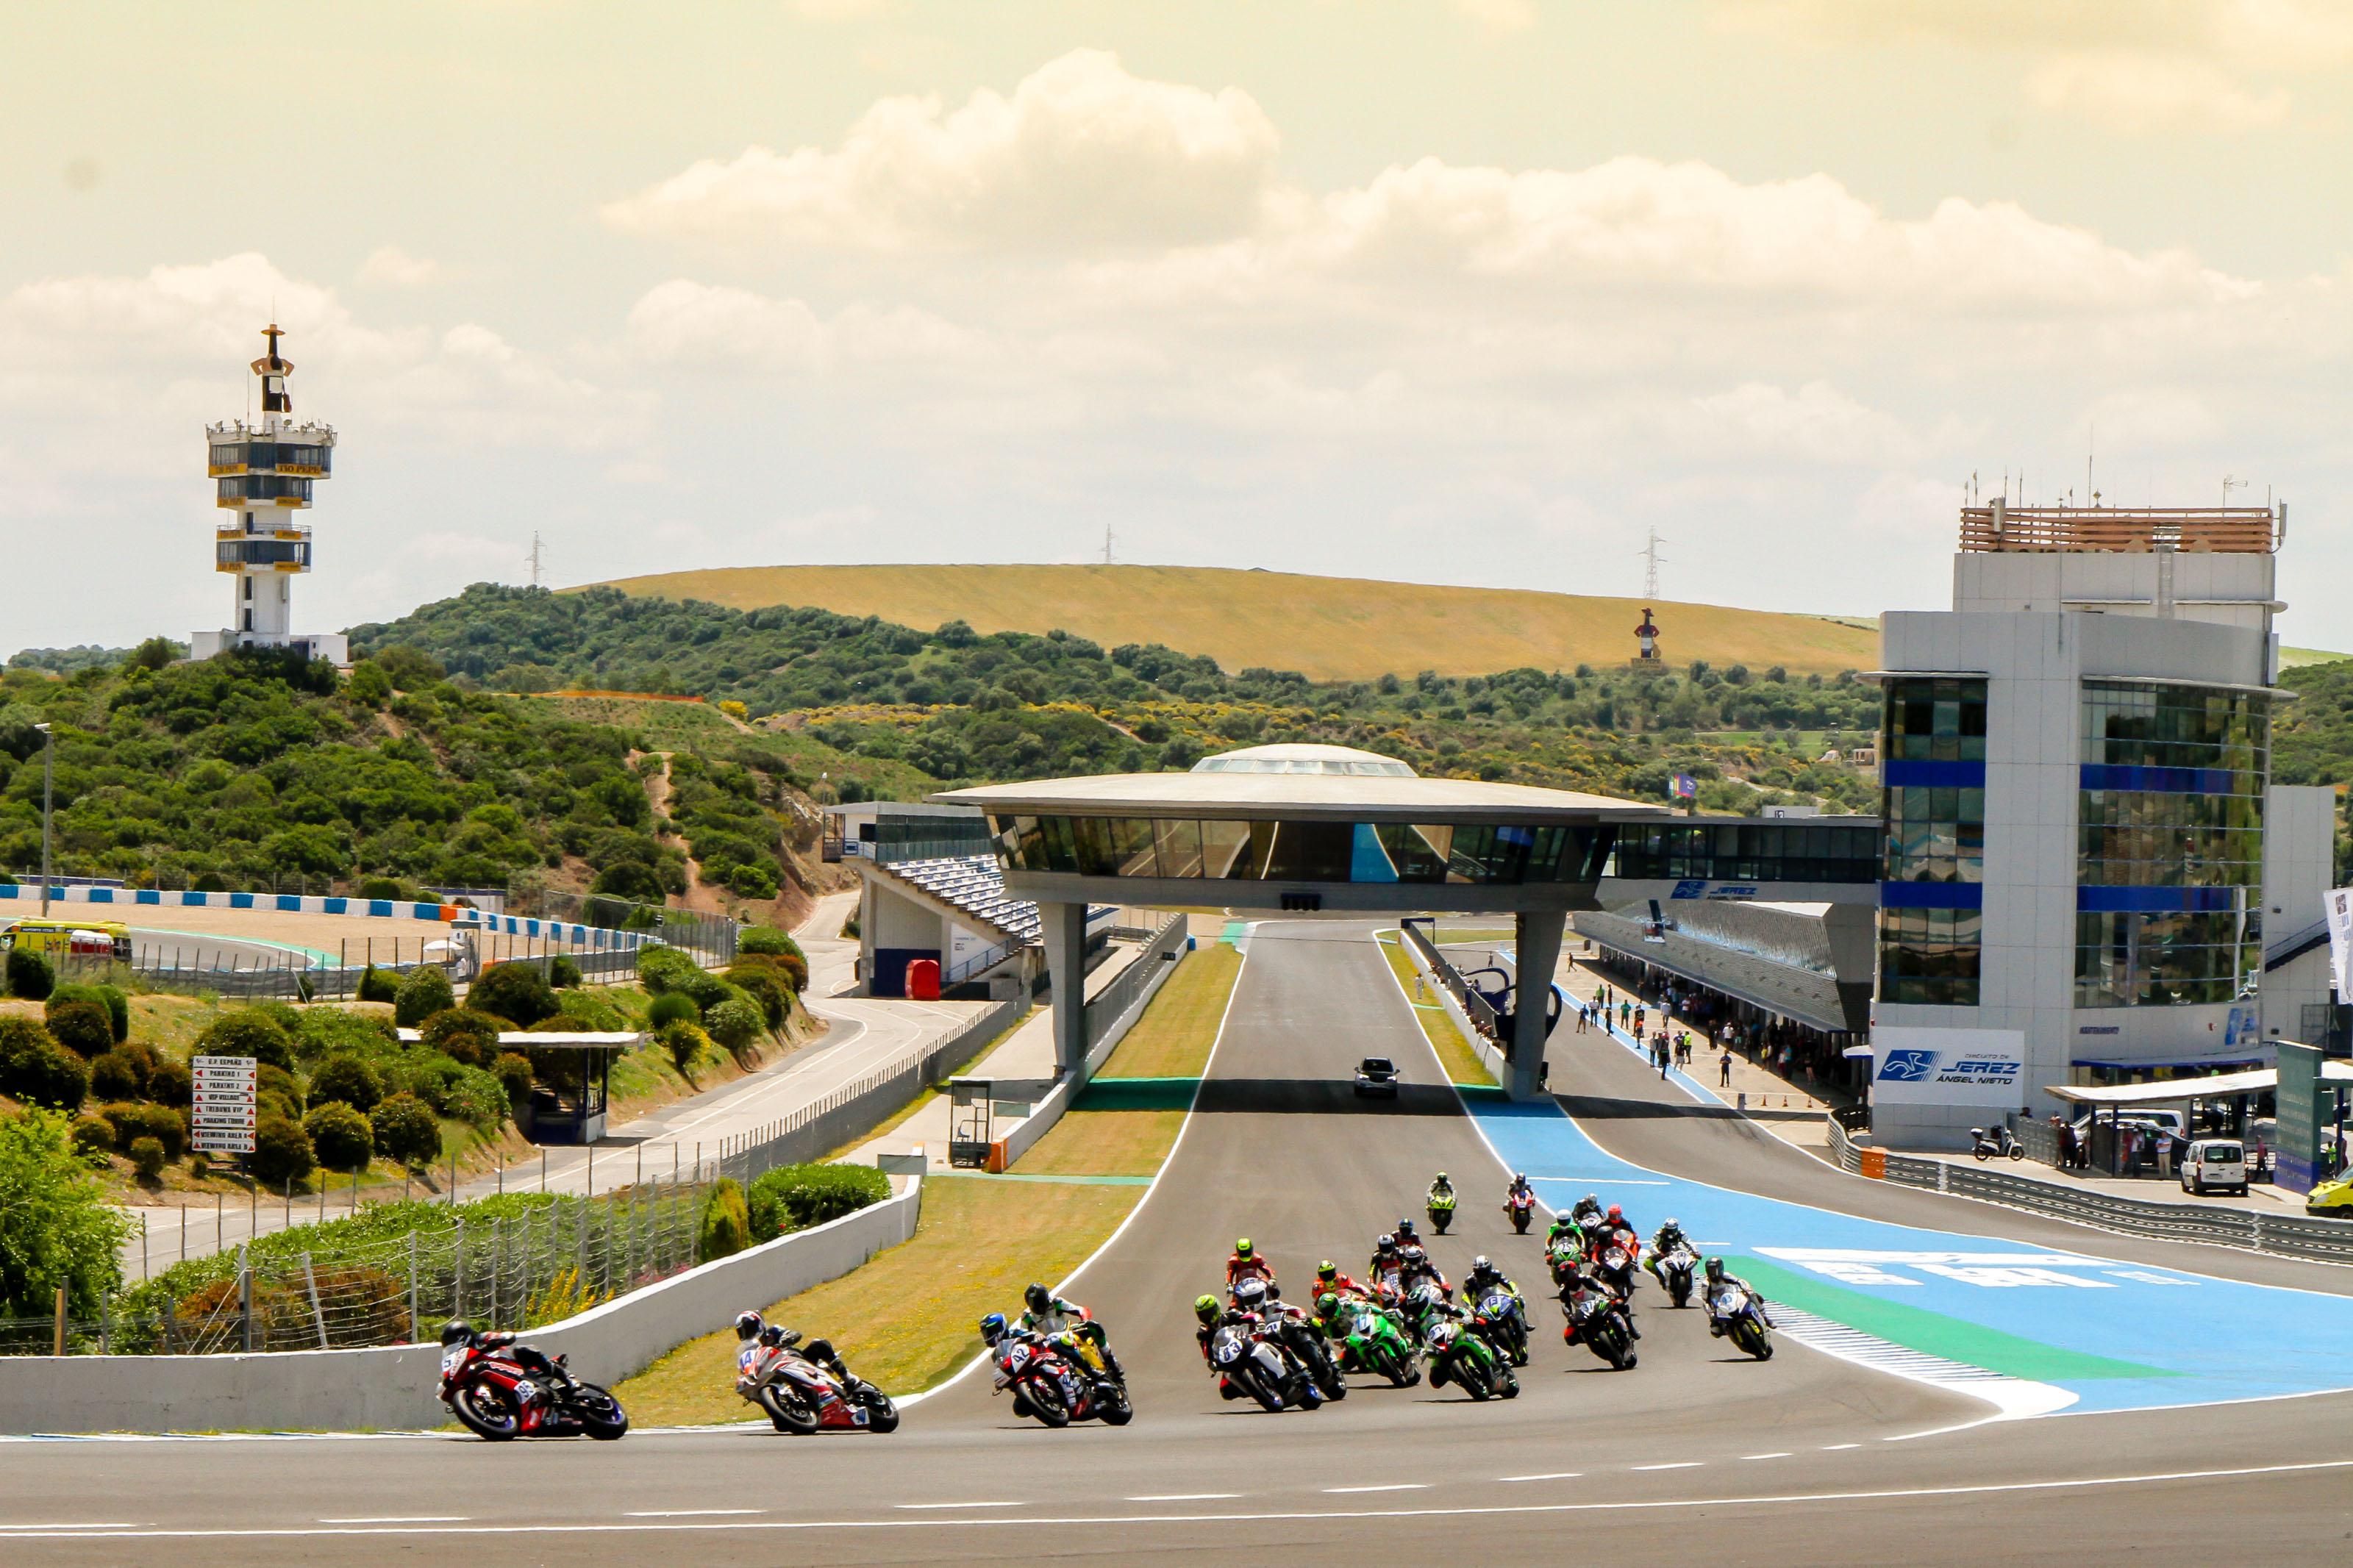 Circuito De Jerez : El circuito de jerez pasa a llevar el nombre de Ángel nieto